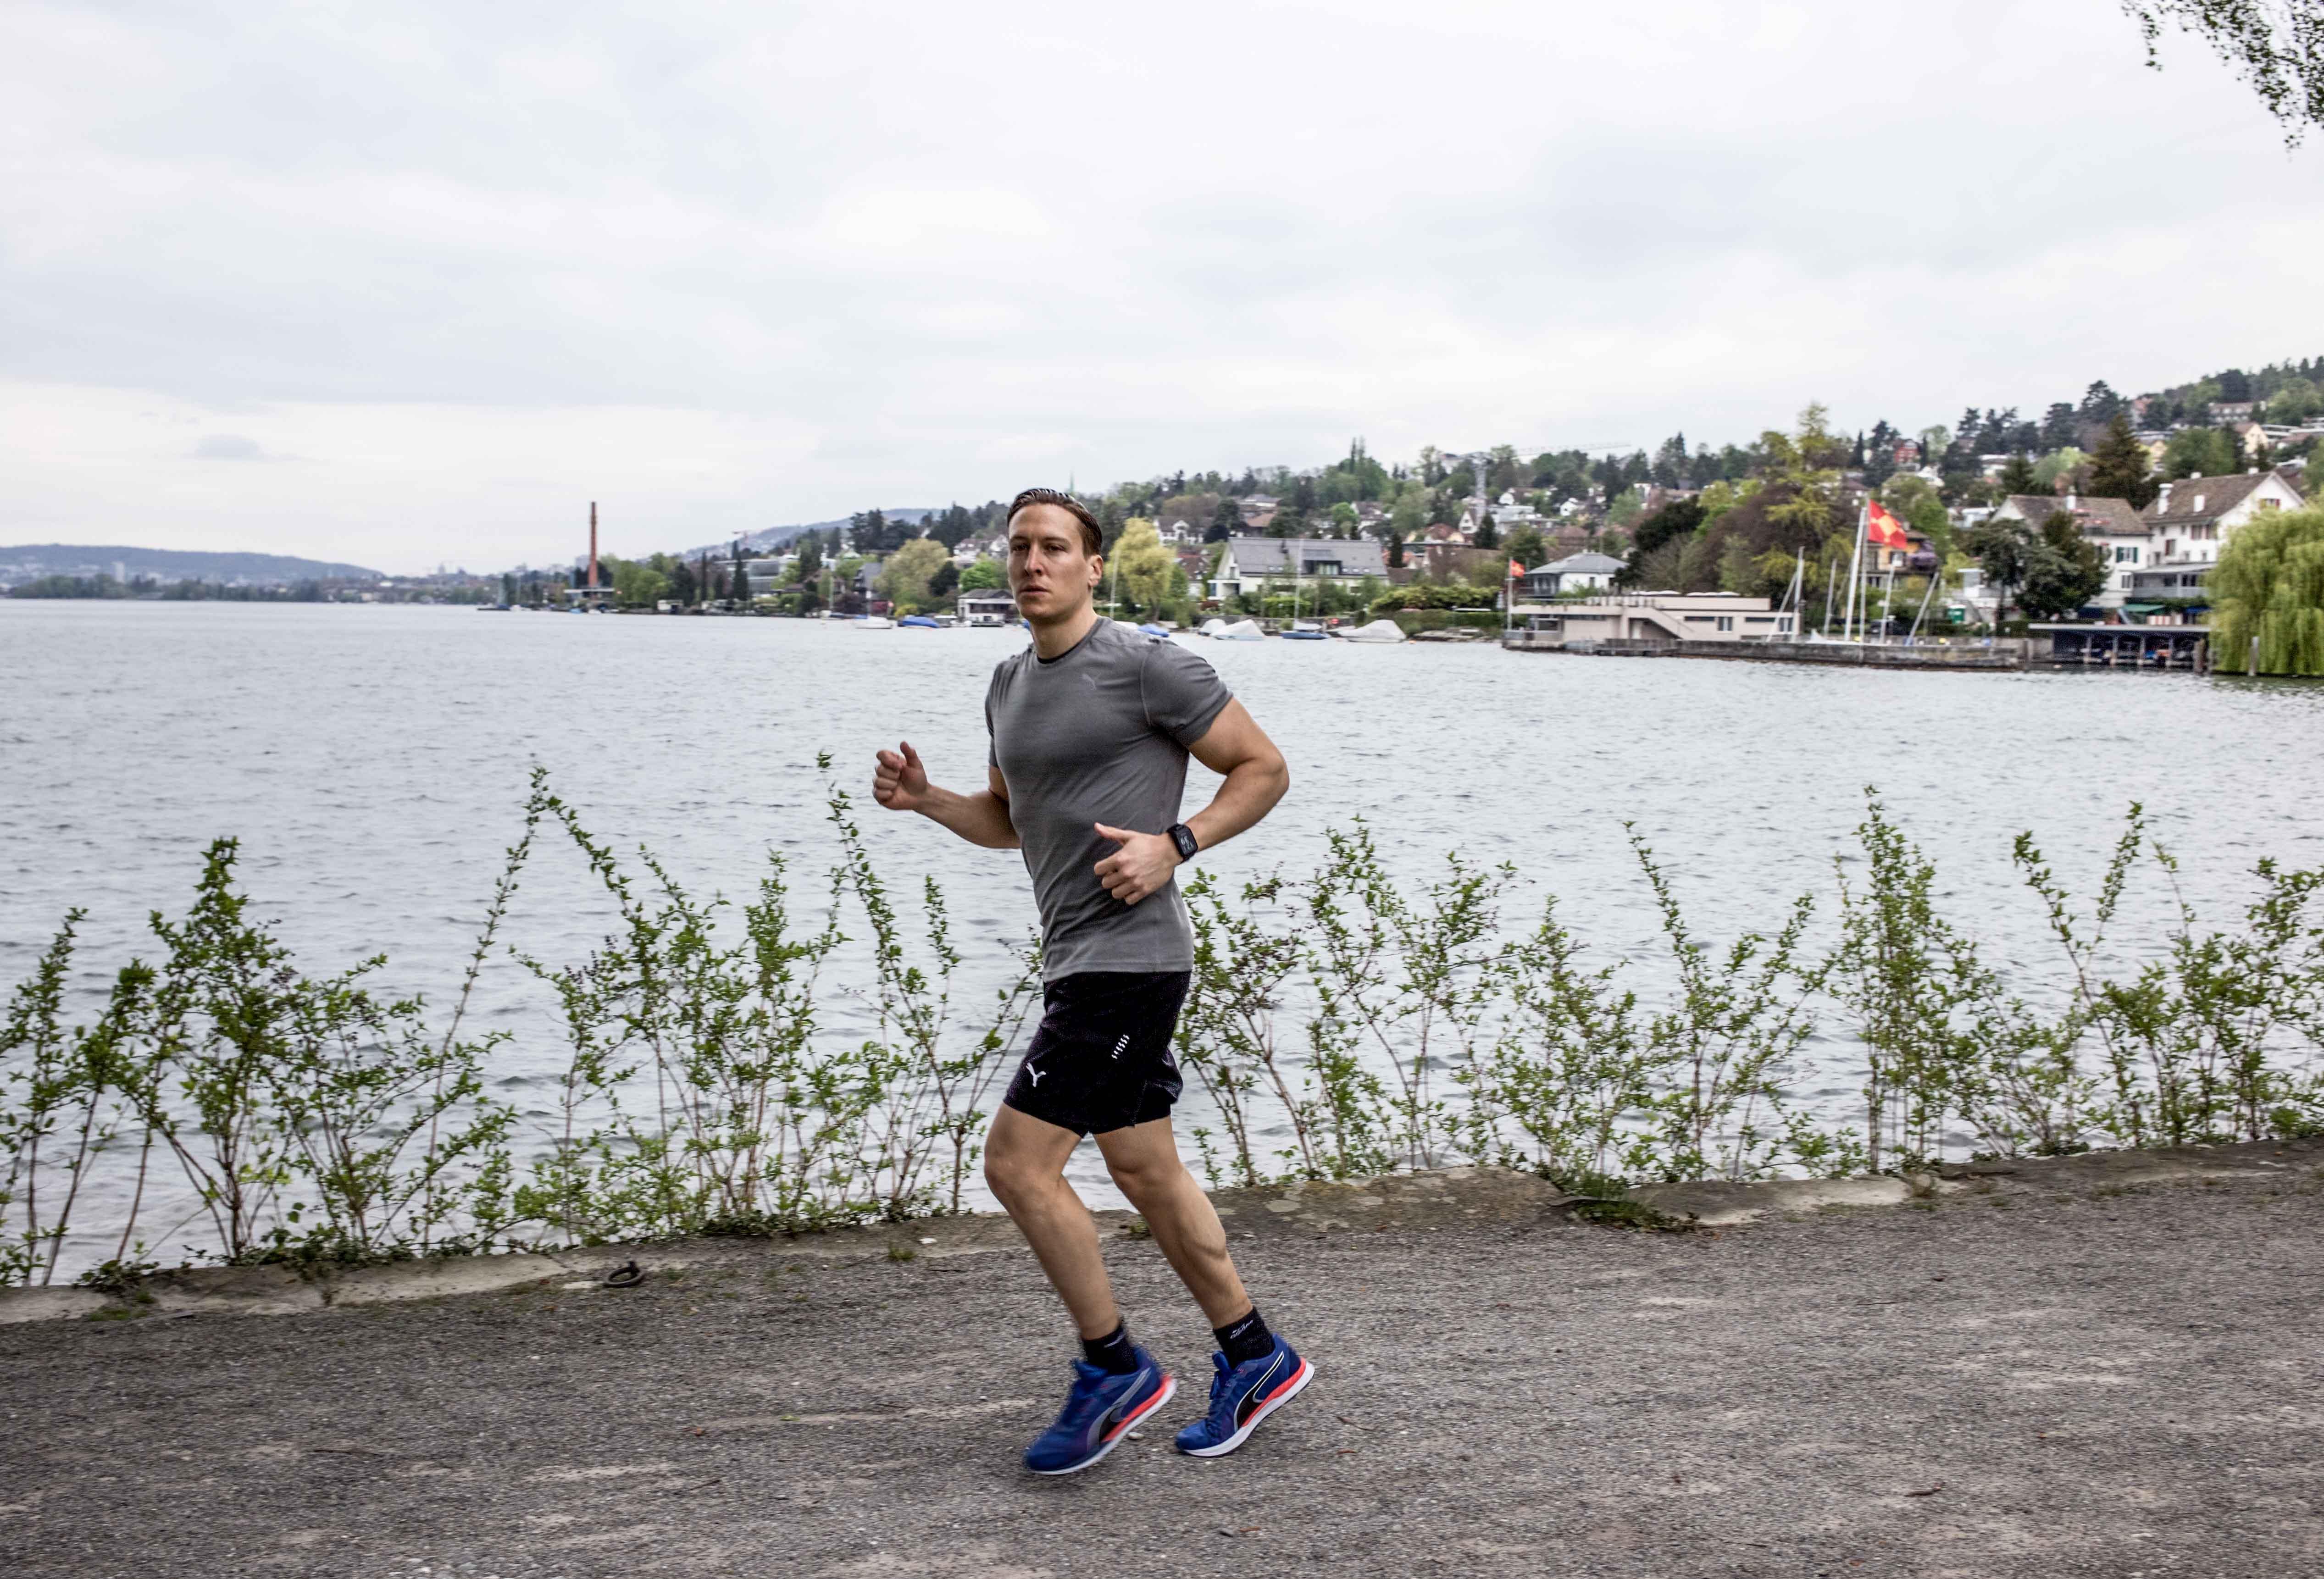 sport-running-laufen-gym-tipps-puma-training_7449